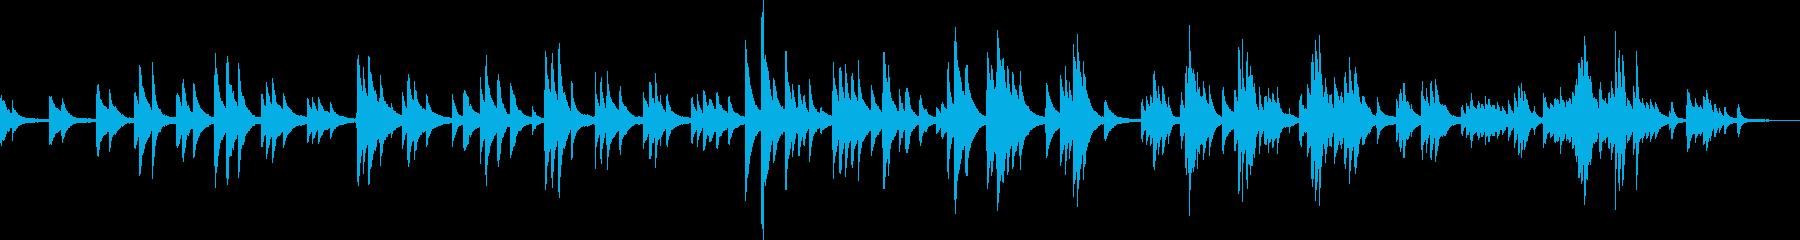 切なくて温かいピアノバラード(ゆったり)の再生済みの波形